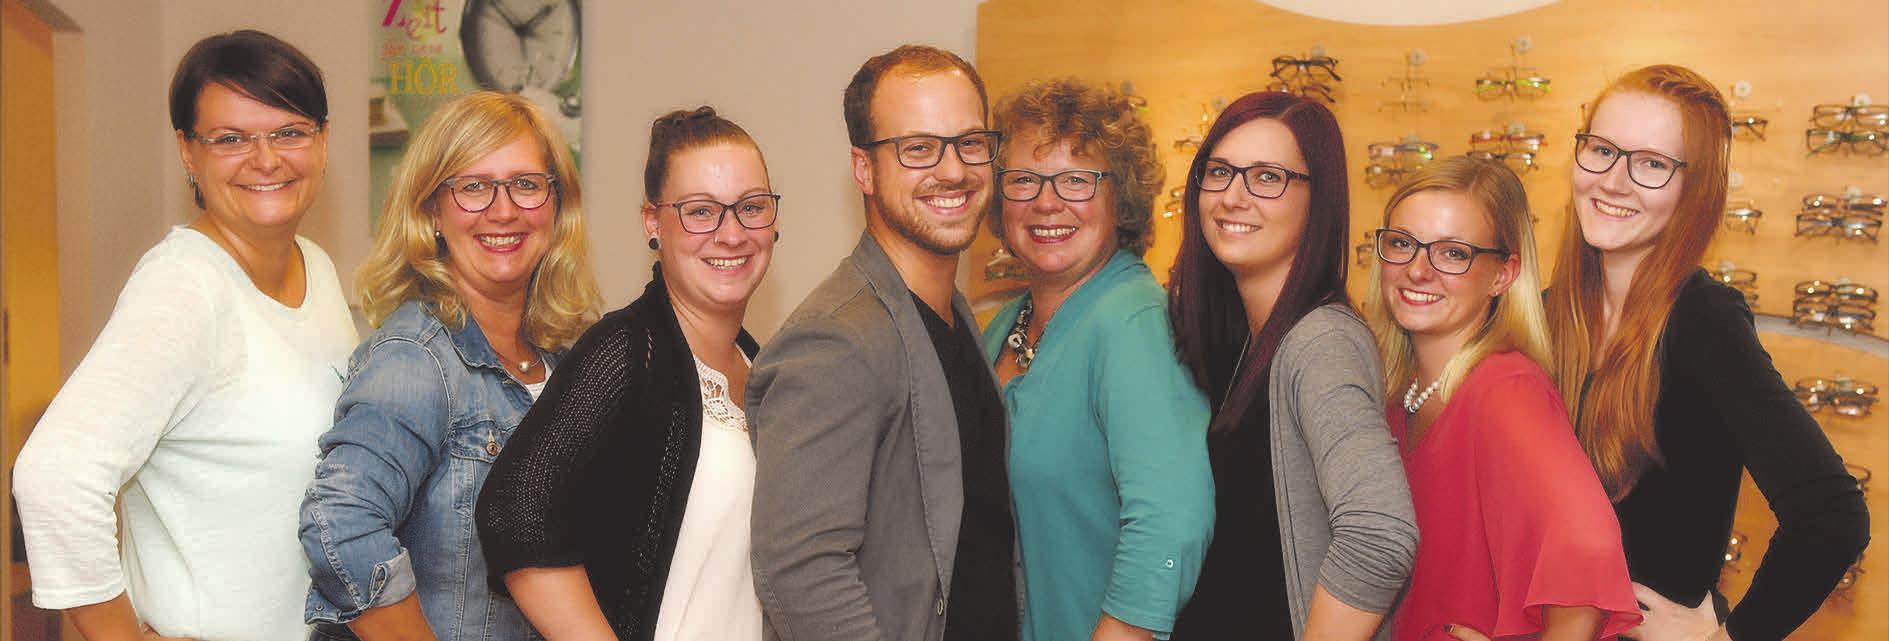 Das Team um Chefin Christiane Paul und Maarten Heschen freut sich, dass Kunden das breit gefächerte Angebot an Brillen, Kontaktlinsen und Hörgeräteakustik so gut annehmen.